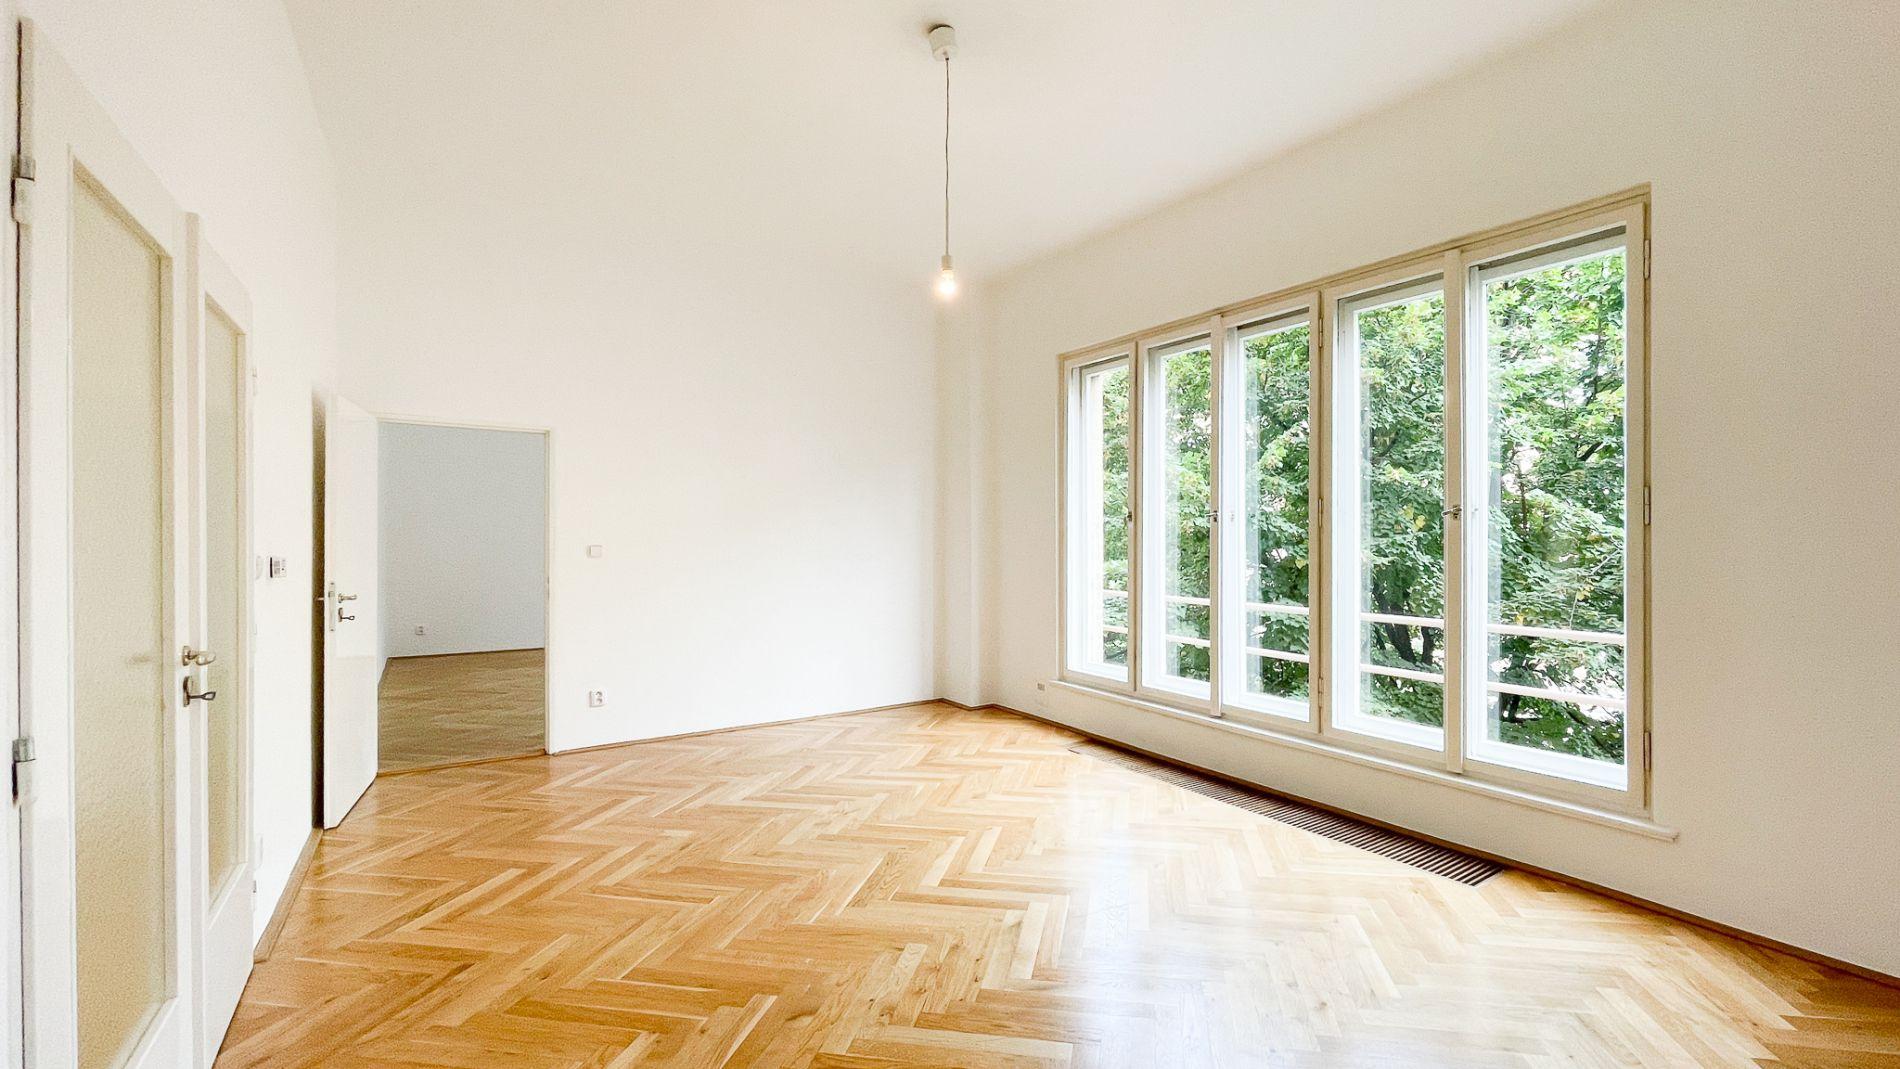 světlý a prostorný byt 3+1 po rekonstrukci, 2..patro, 112m2, 2 koupelny, balkon, 2 komory,, Londýnsk